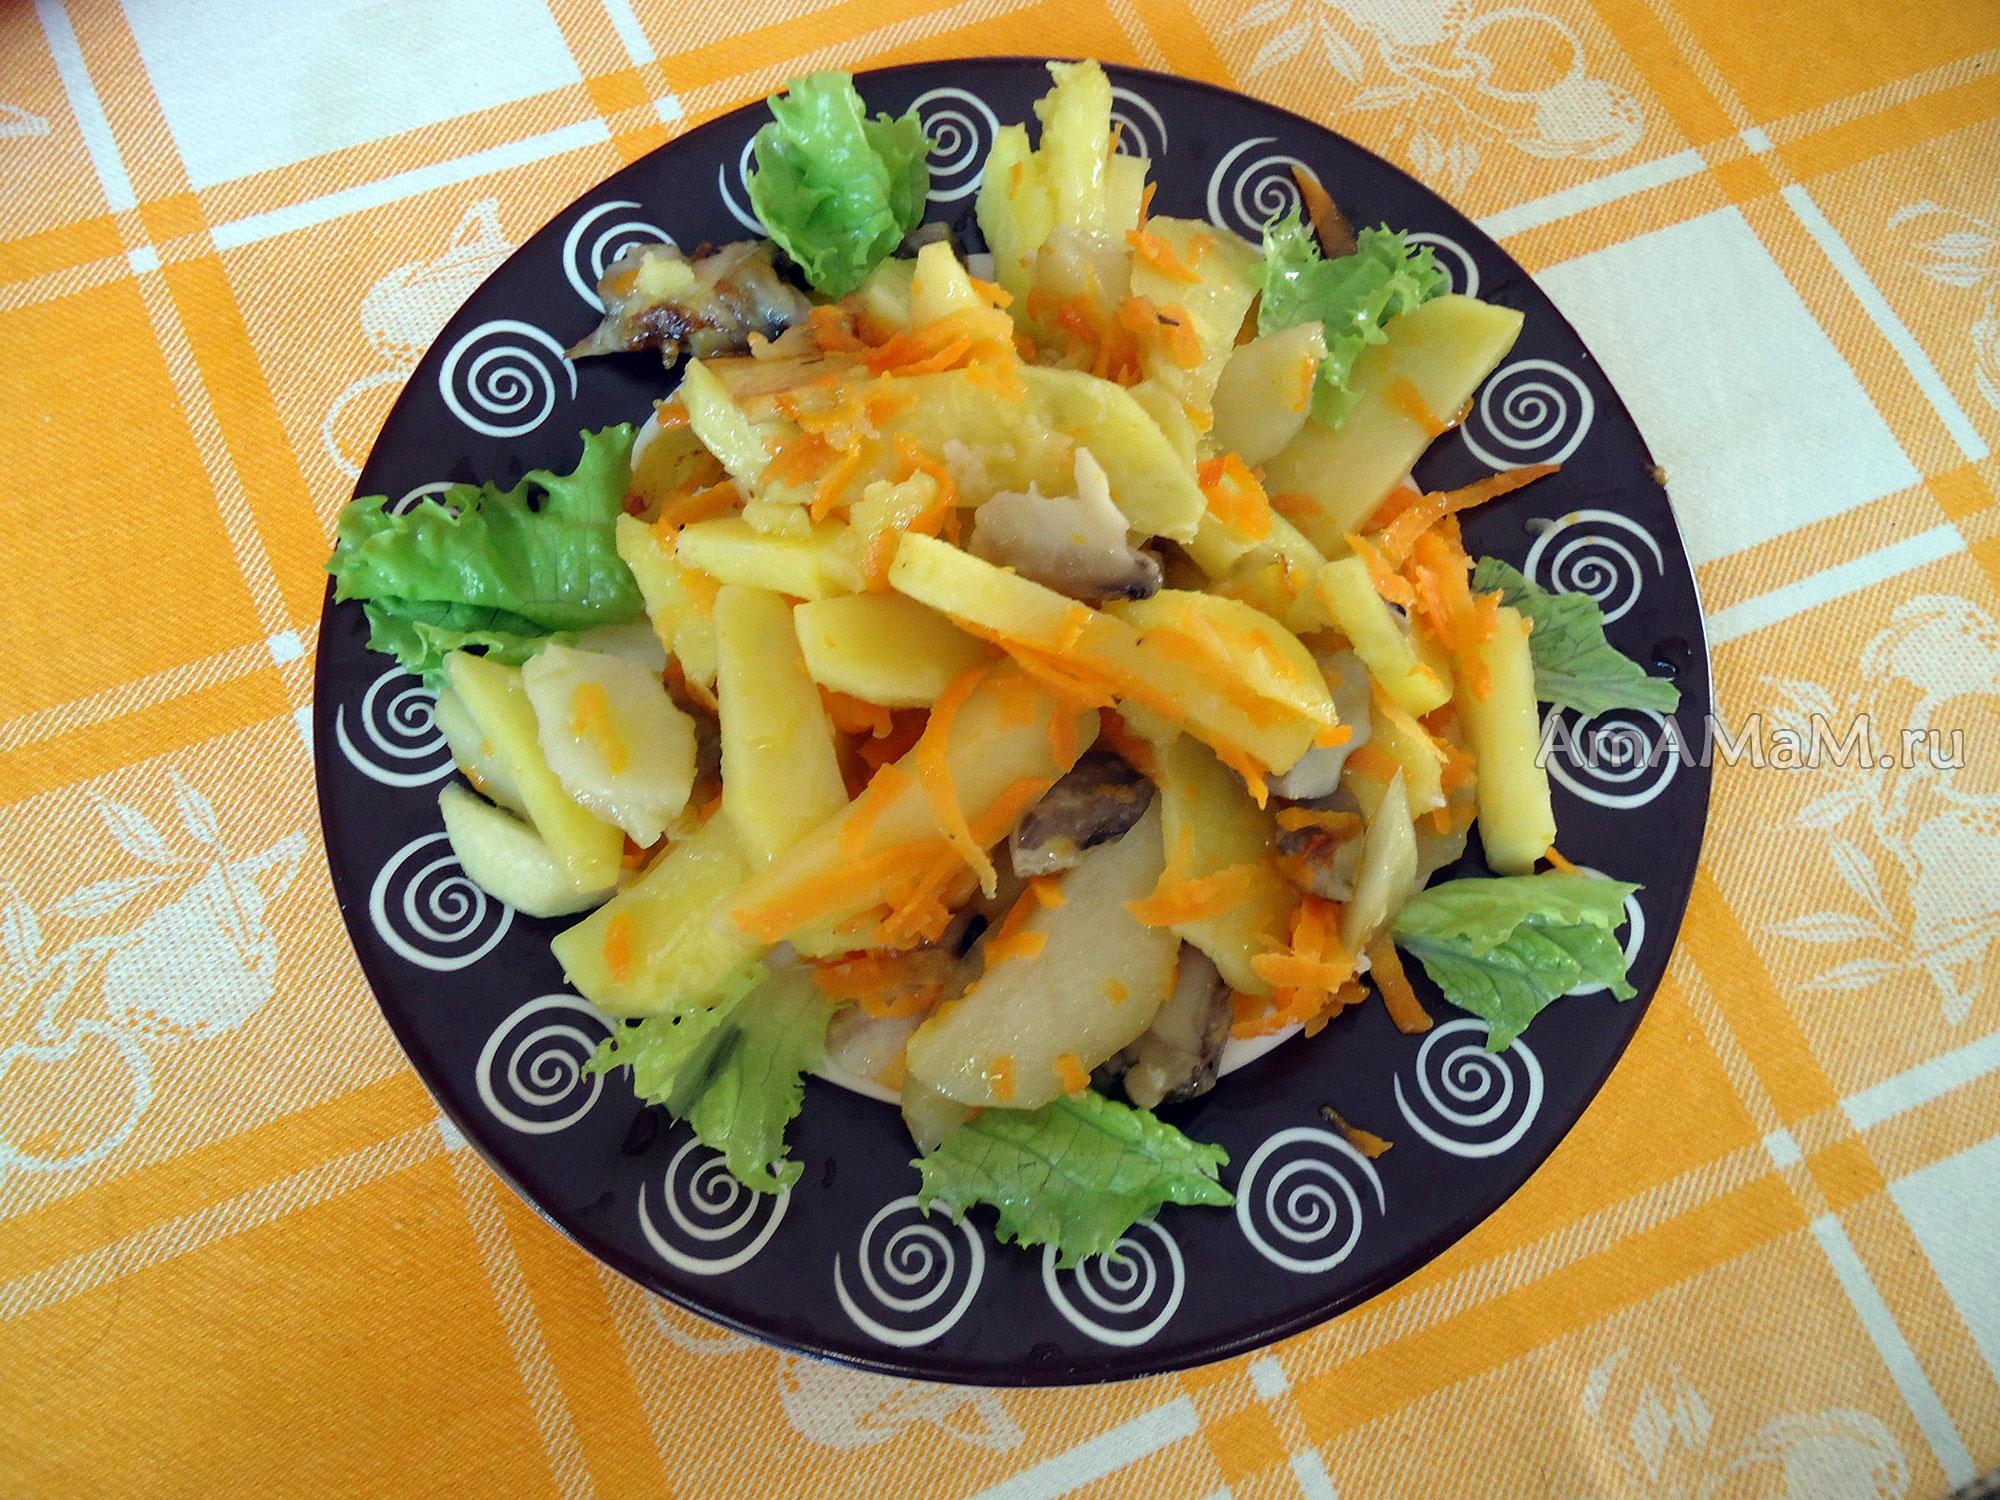 Вешенки рецепты с картошкой